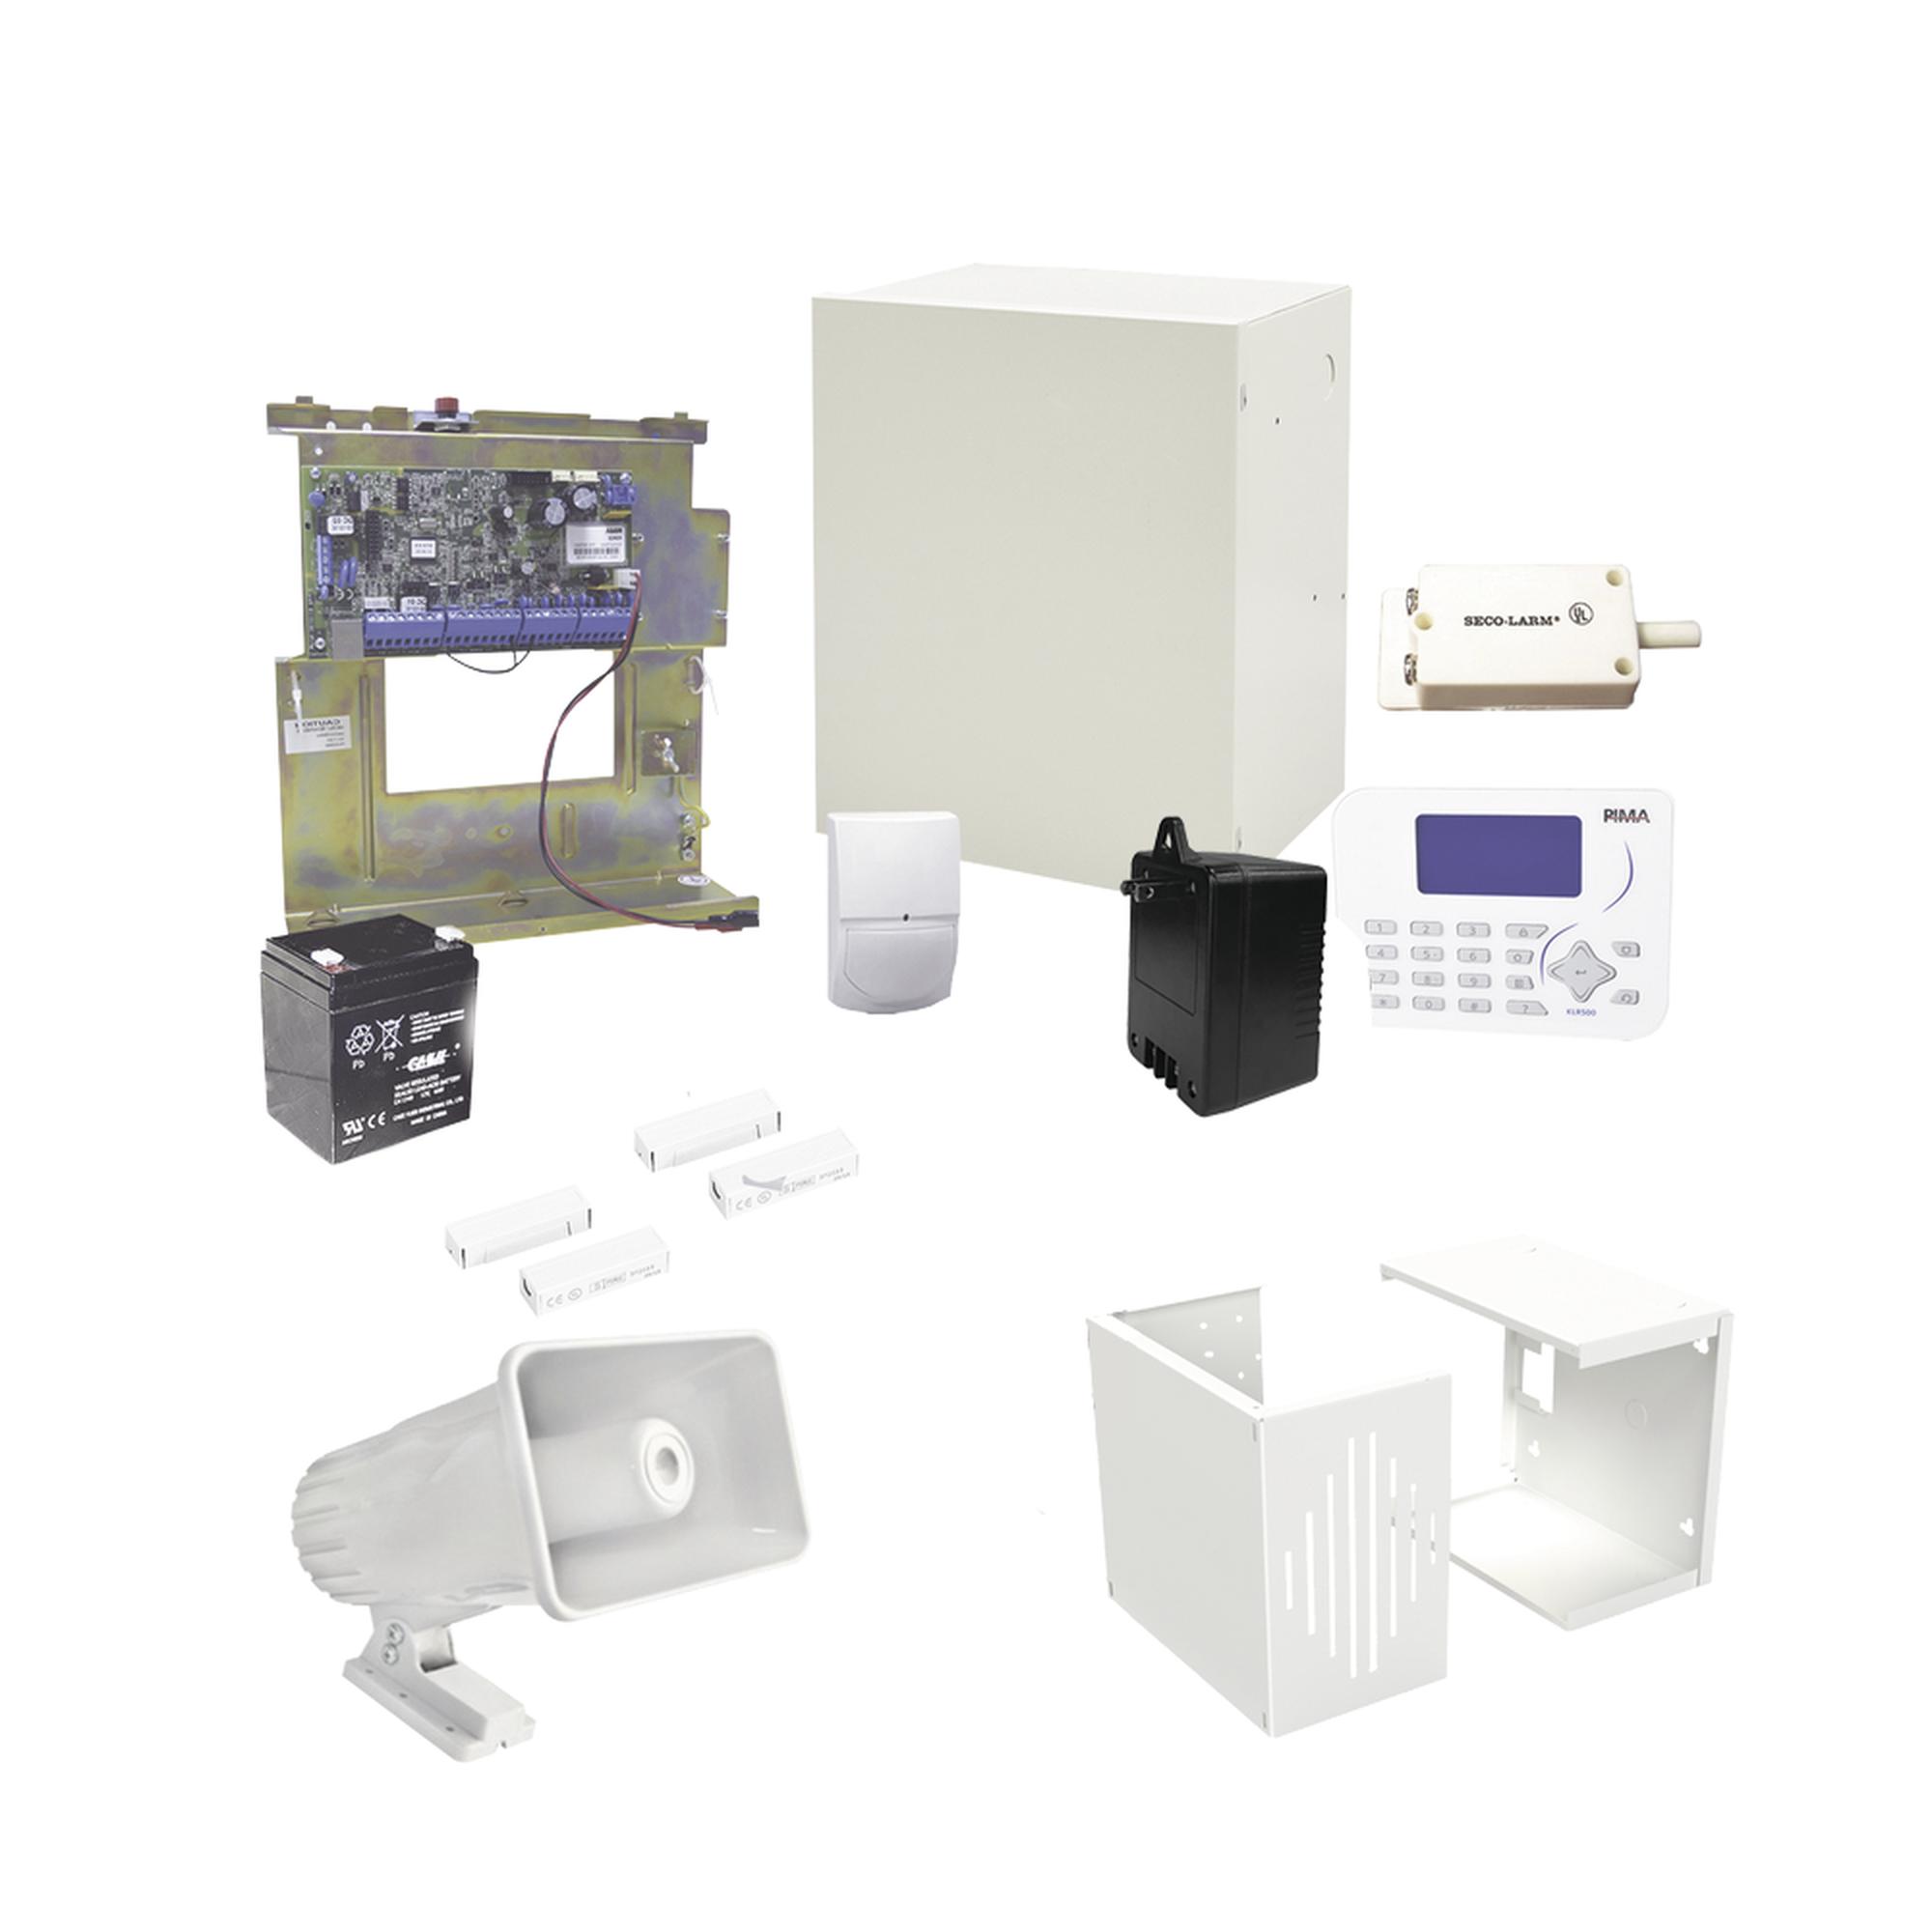 Kit de Alarma con Sensores cableados, Conexion IP con App PIMALINK2.0 Gratis!